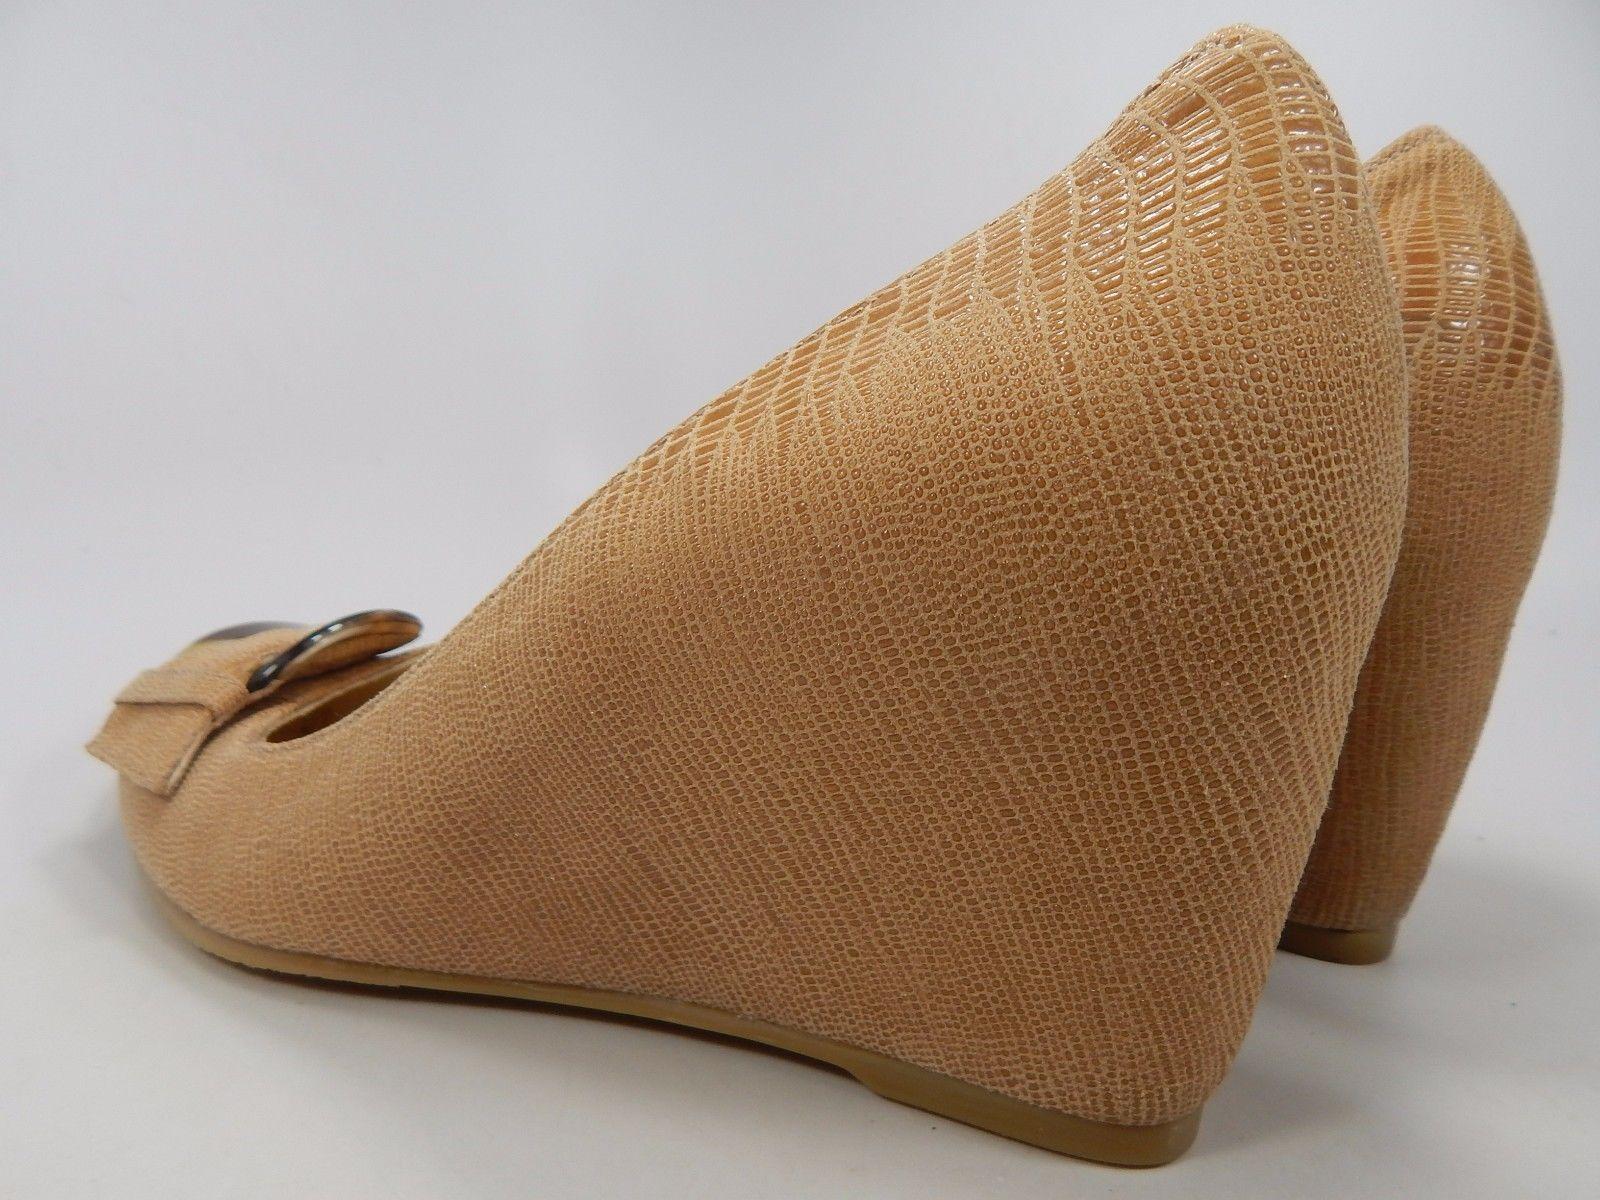 Stuart Weitzman Women's Nude Platform Wedge Heels US Size 10 M Model #CINW49628